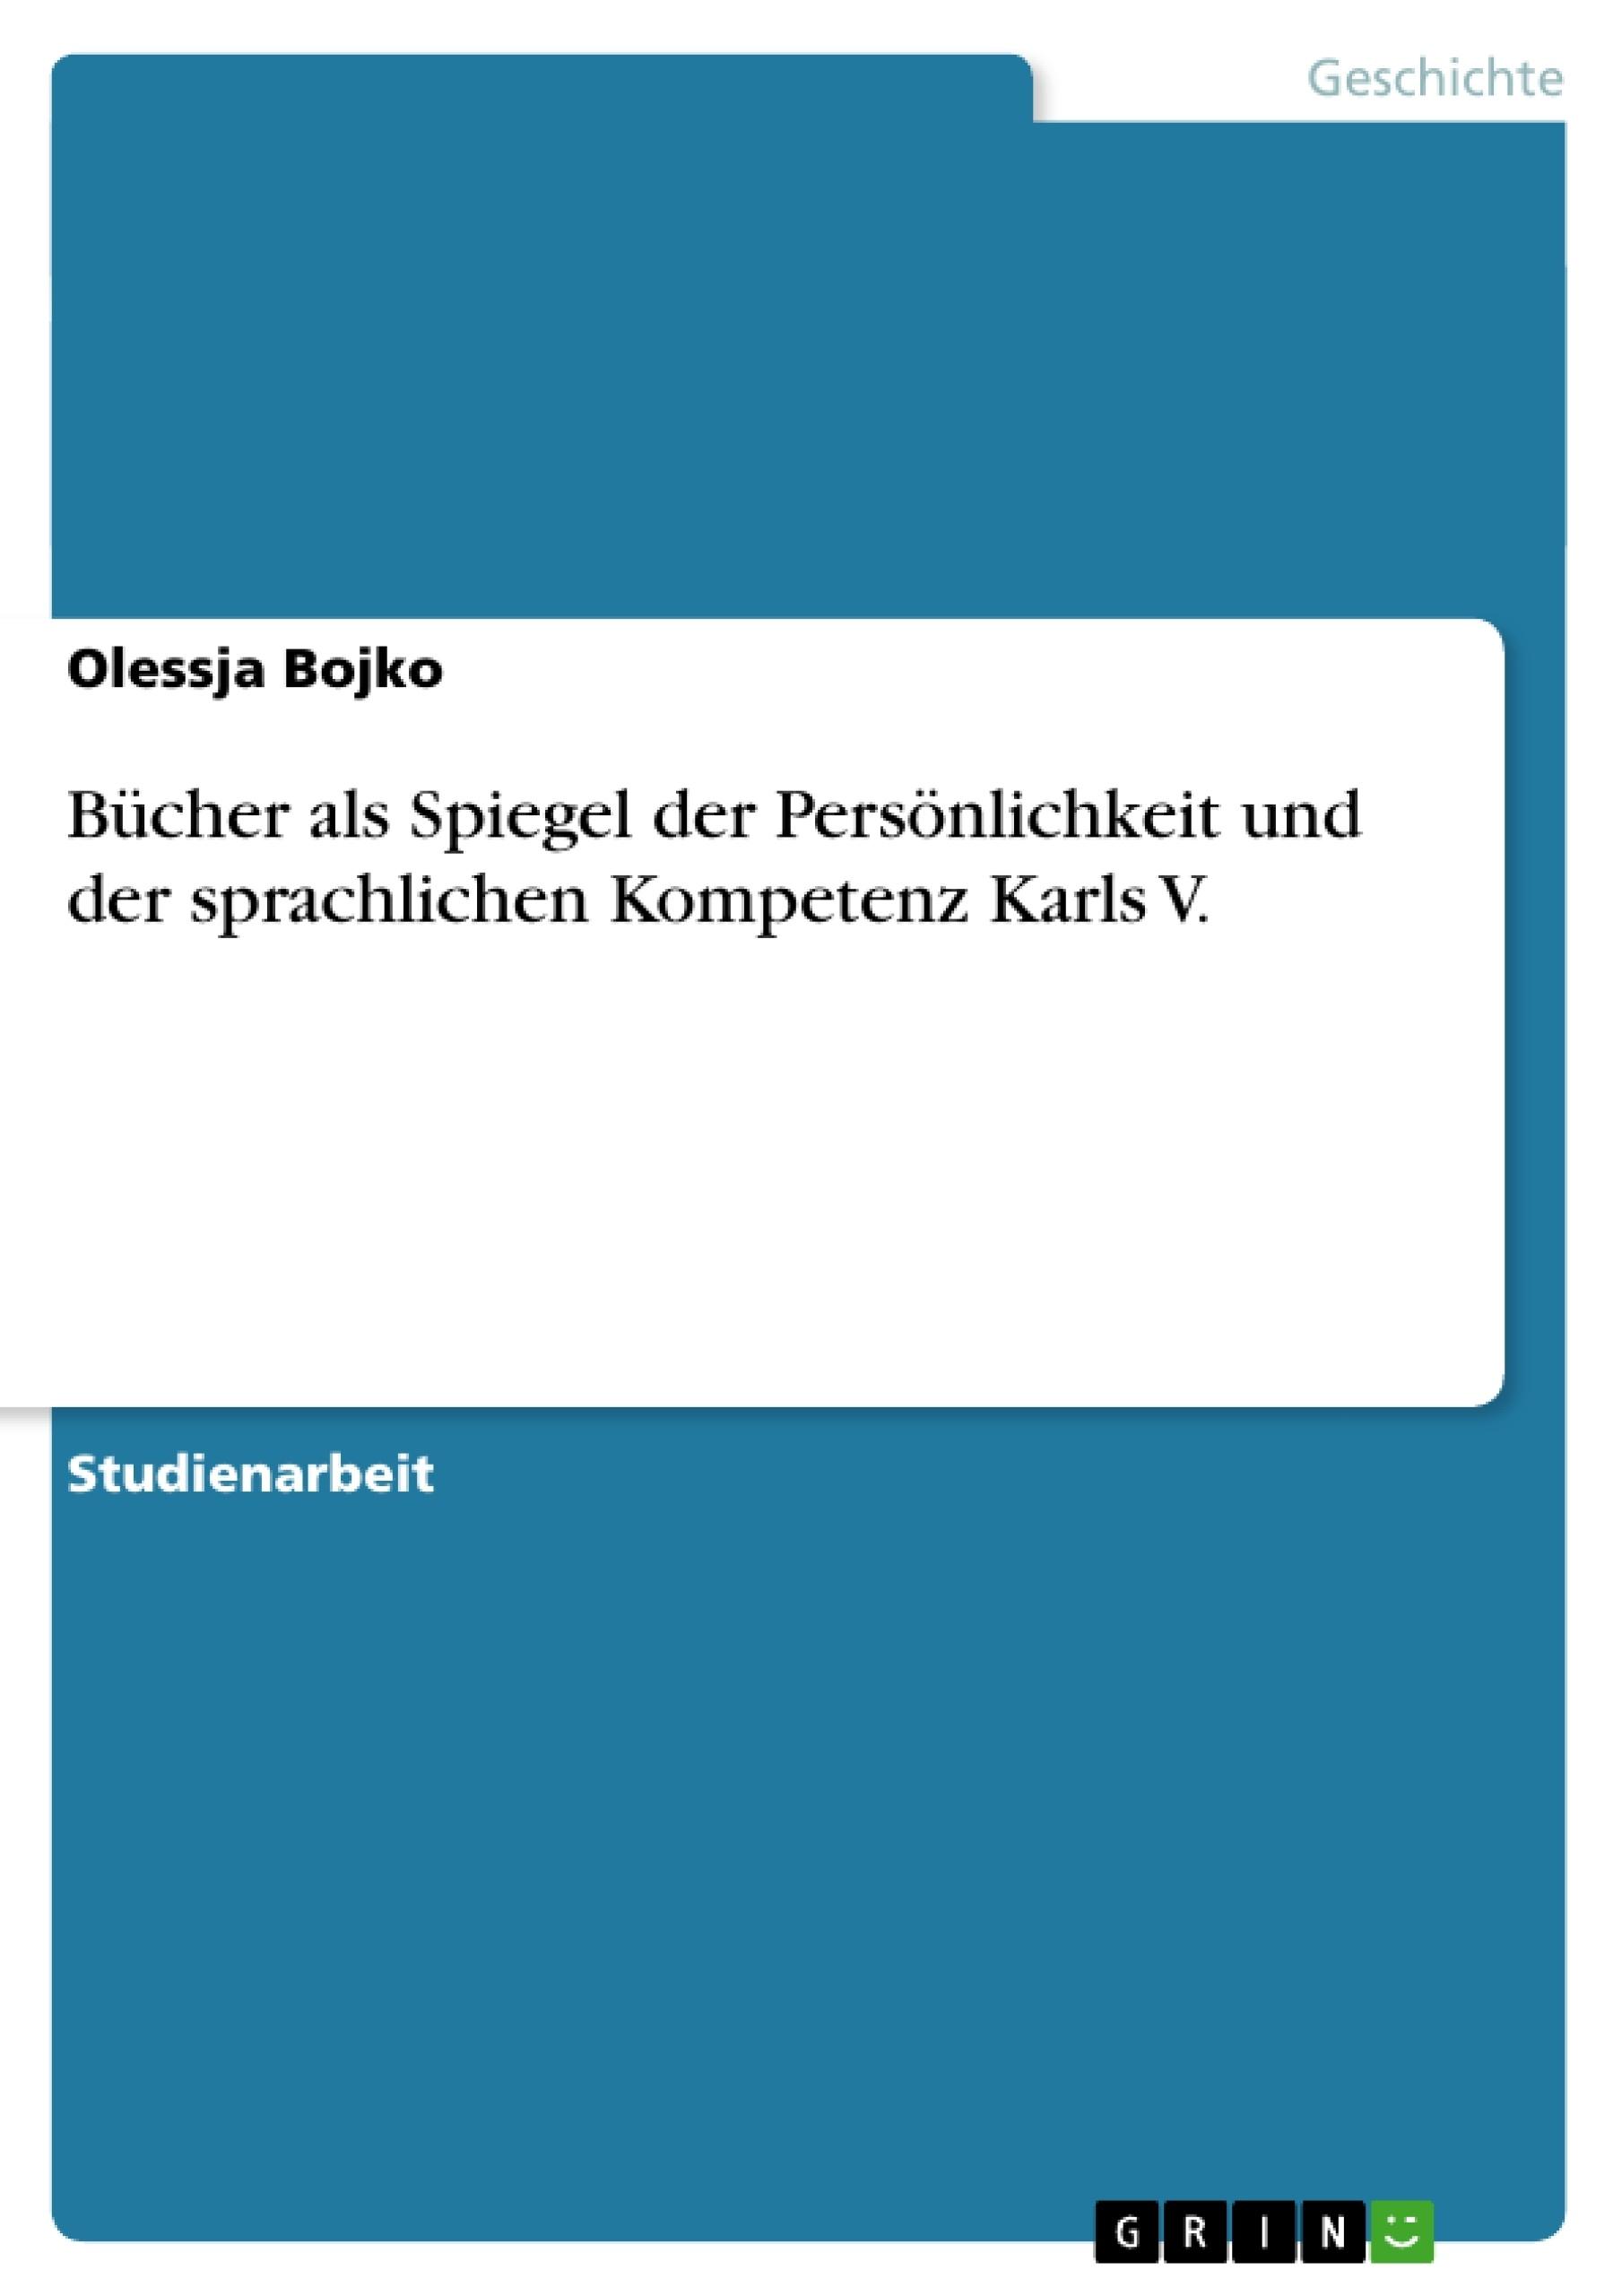 Titel: Bücher als Spiegel der Persönlichkeit und der sprachlichen Kompetenz Karls V.